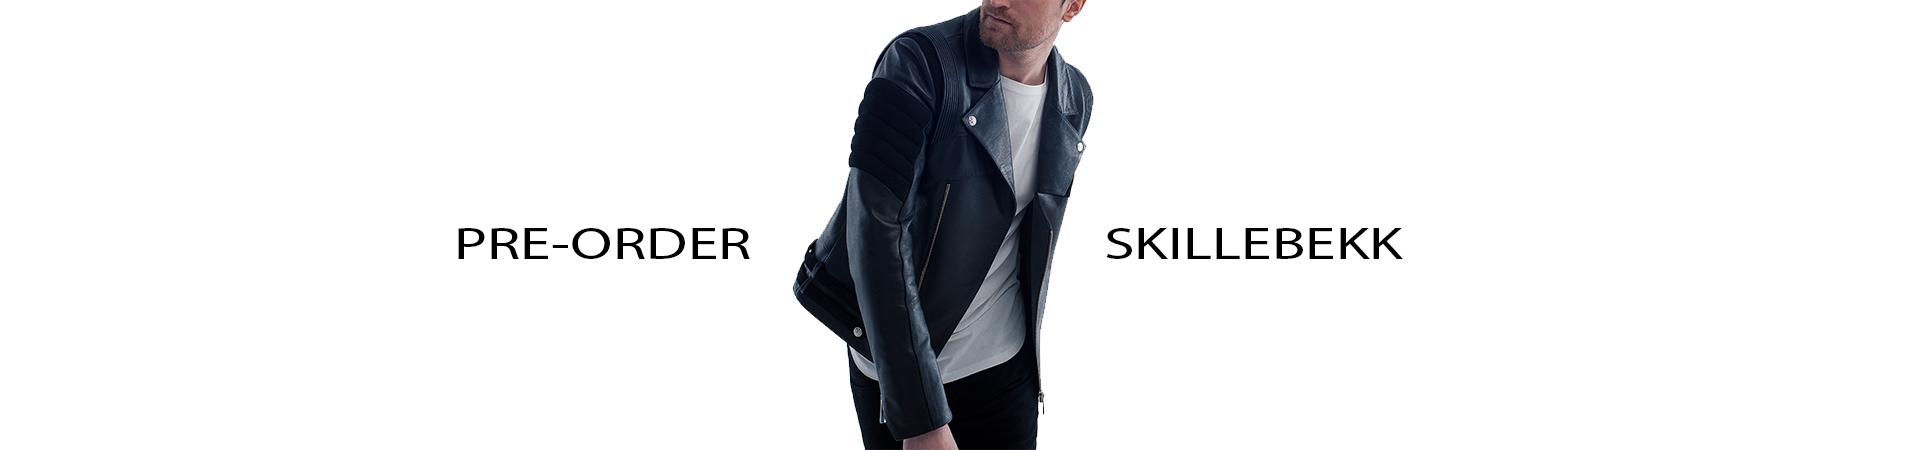 Skillebekk - Banner.jpg